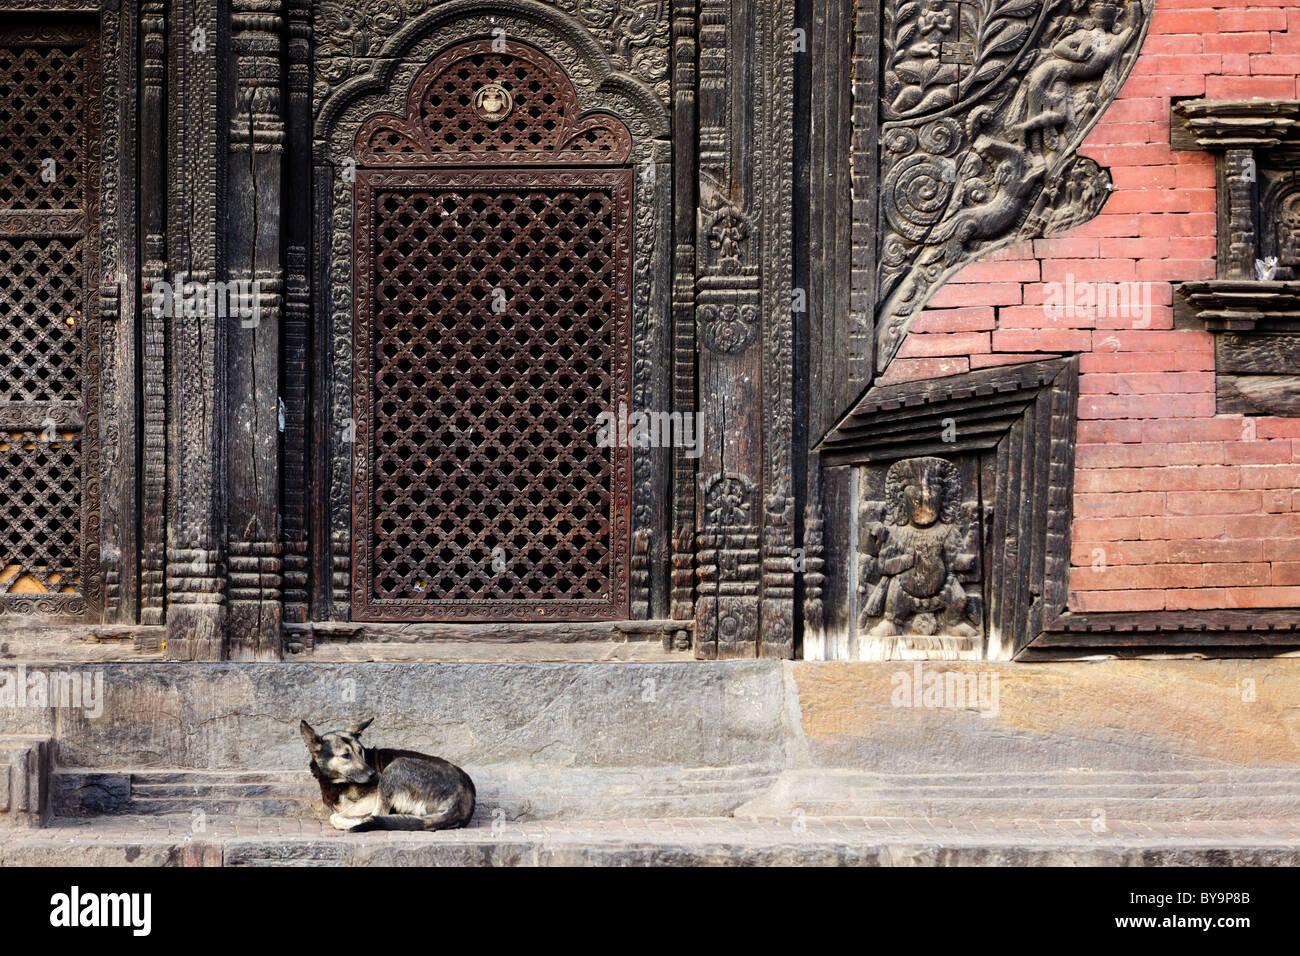 pashupatinath temple entrance with lying dog, Bhaktapur, Nepal Stock Photo